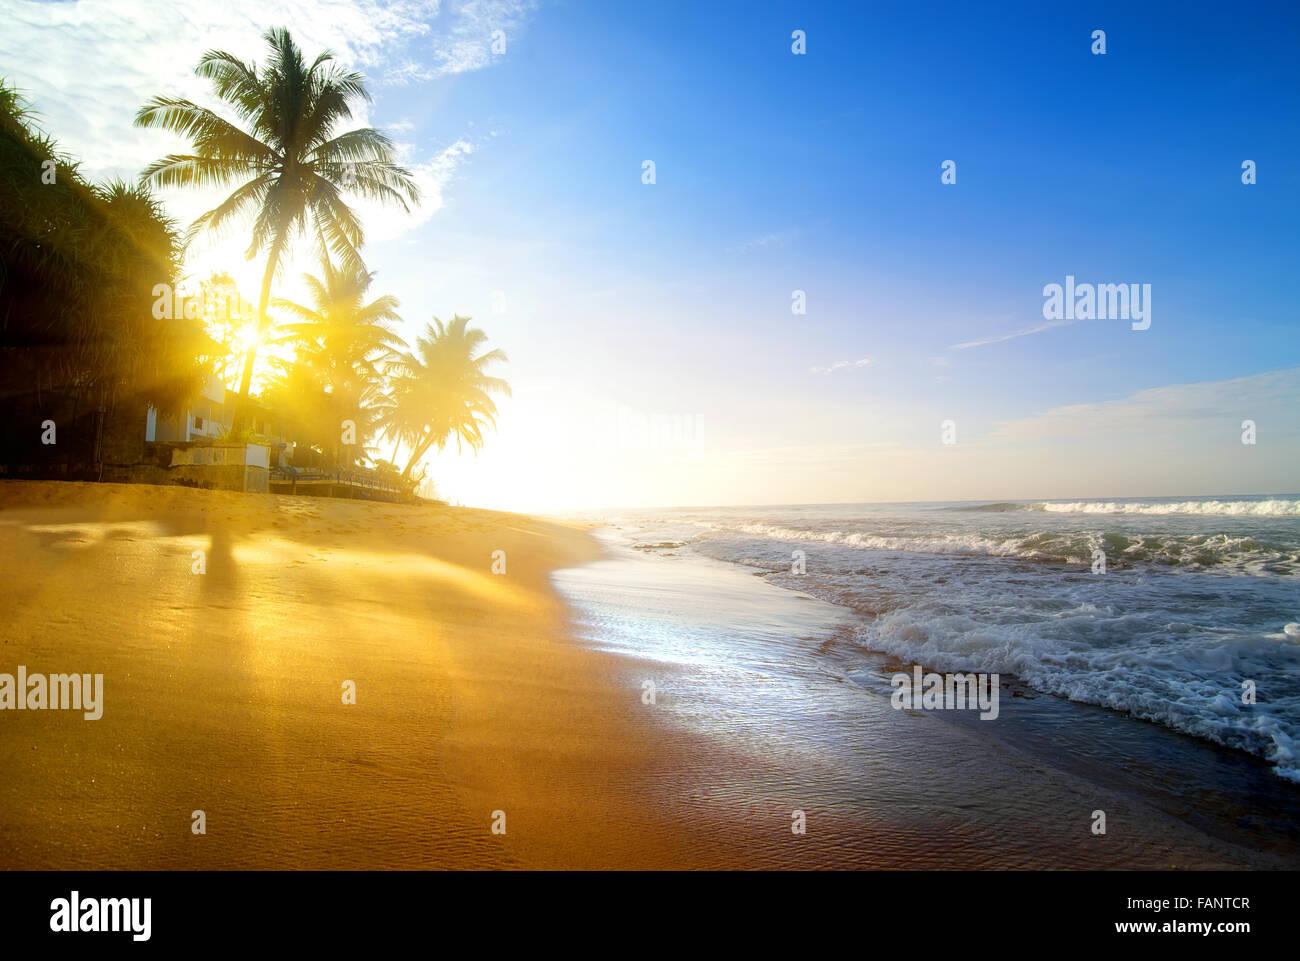 Palmen am Sandstrand in der Nähe von Meer bei Sonnenaufgang Stockbild